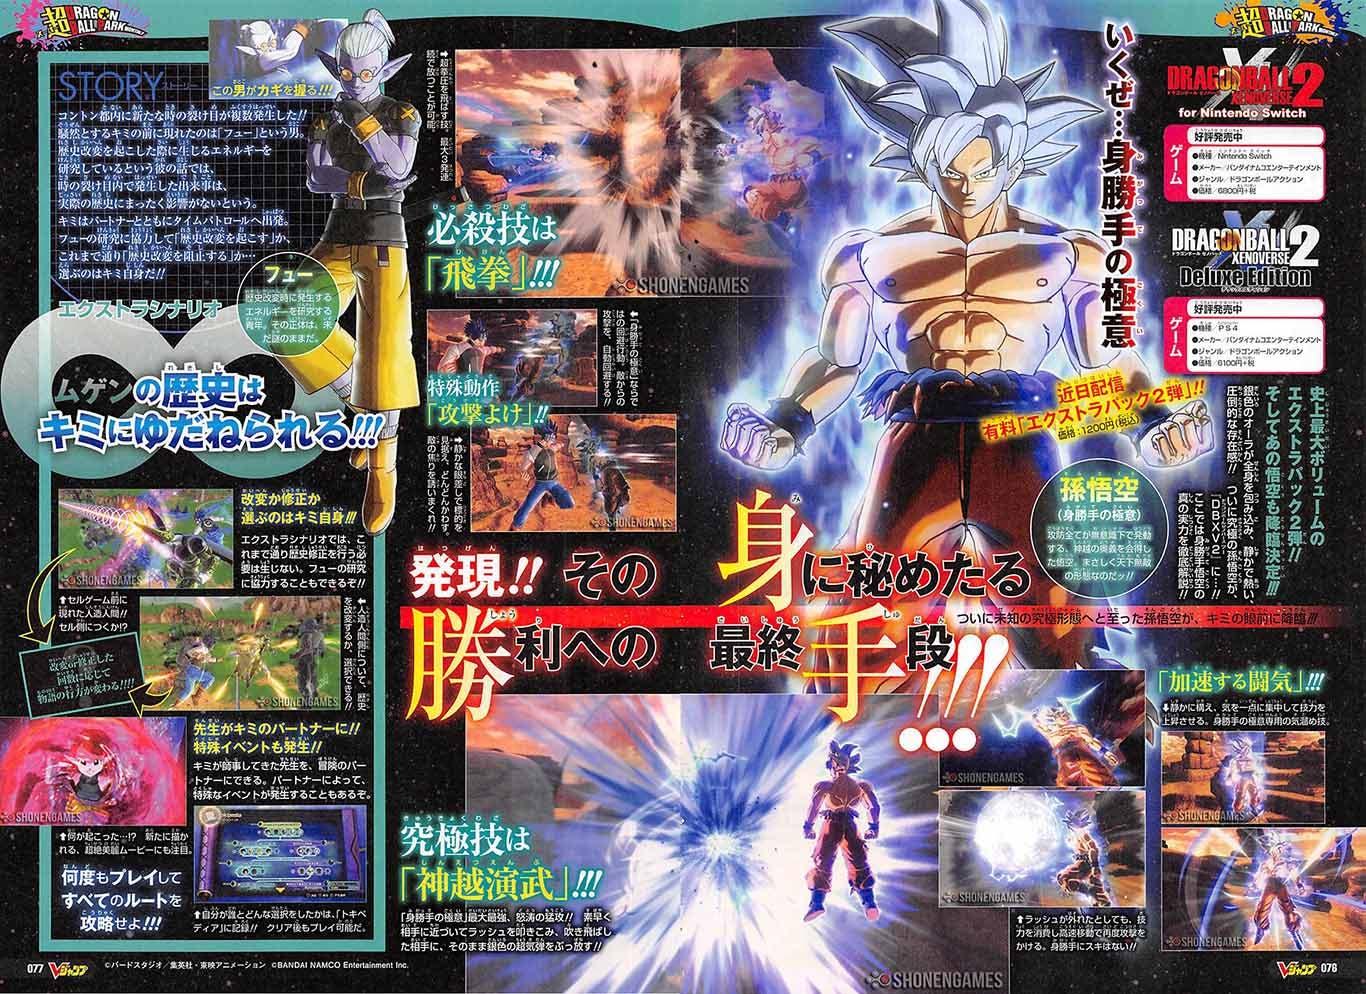 La transformación Ultra de Goku llegará a Dragon Ball Xenoverse 2 vía DLC 2